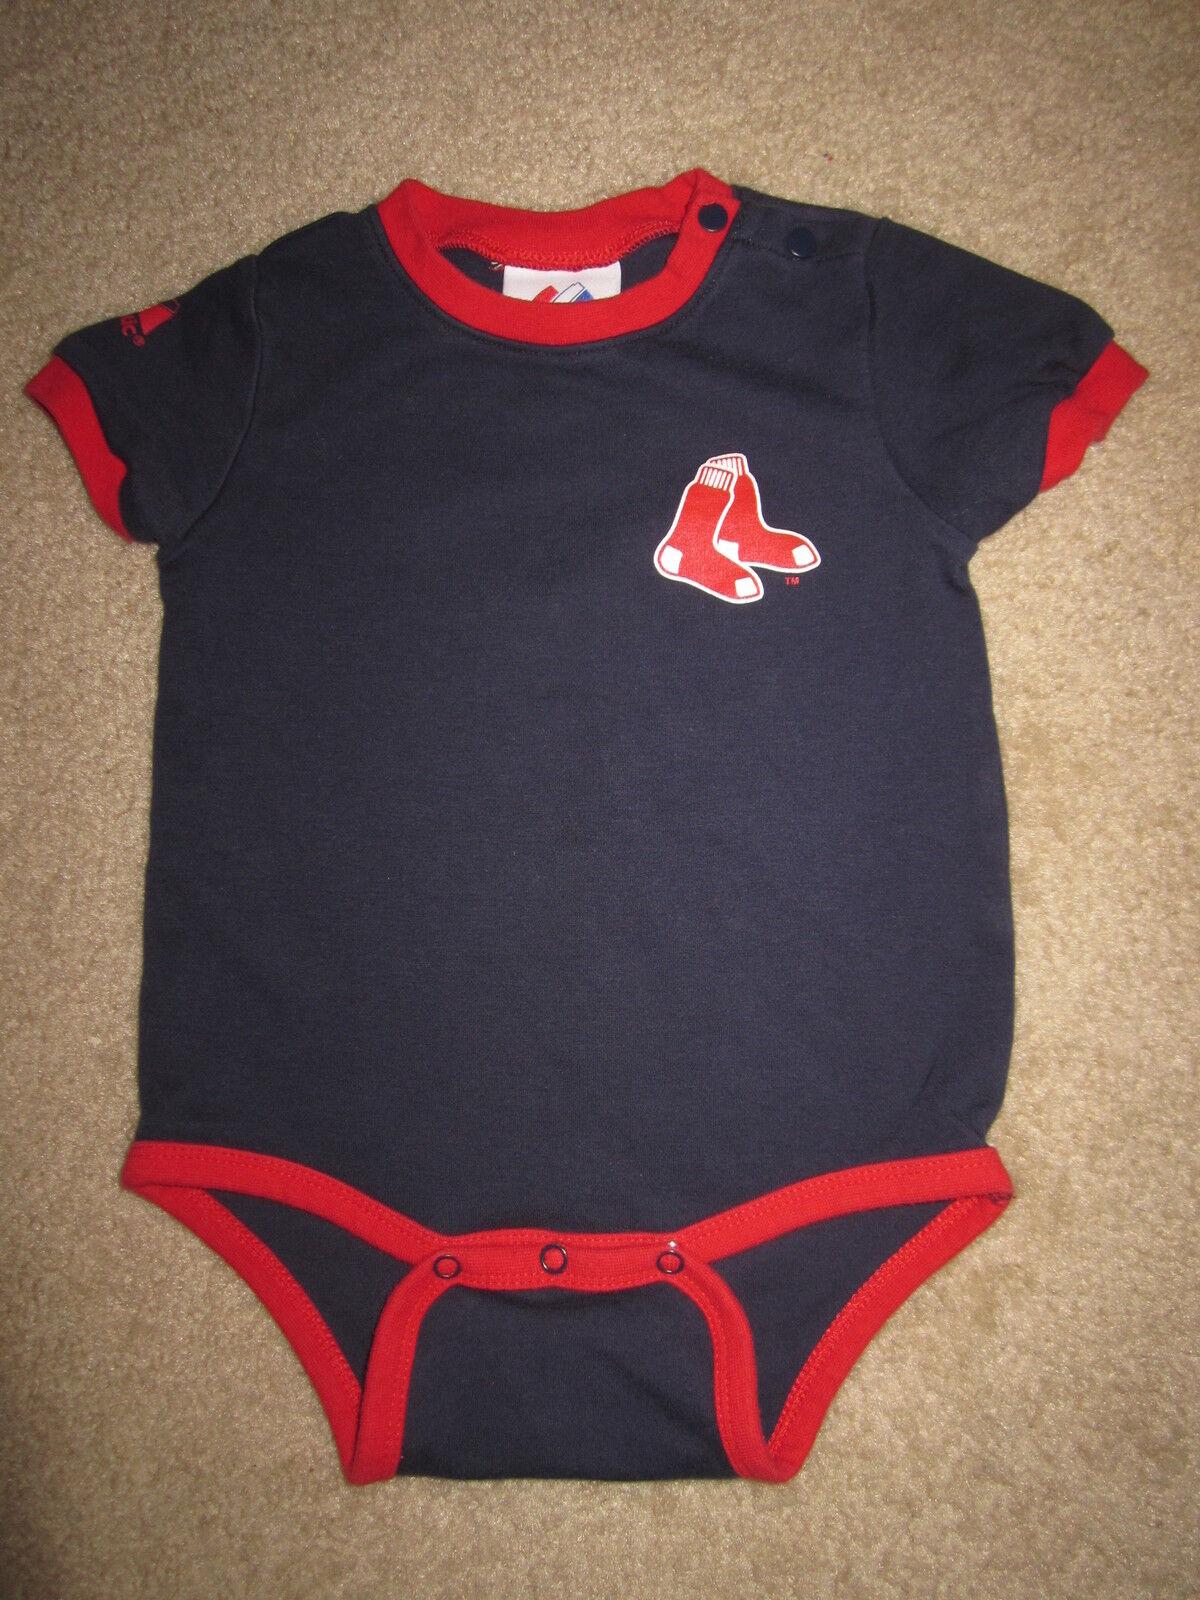 Dustin Pedroia  15 Boston Boston Boston rot Sox Einteiler Baby Trikot 3c59ba